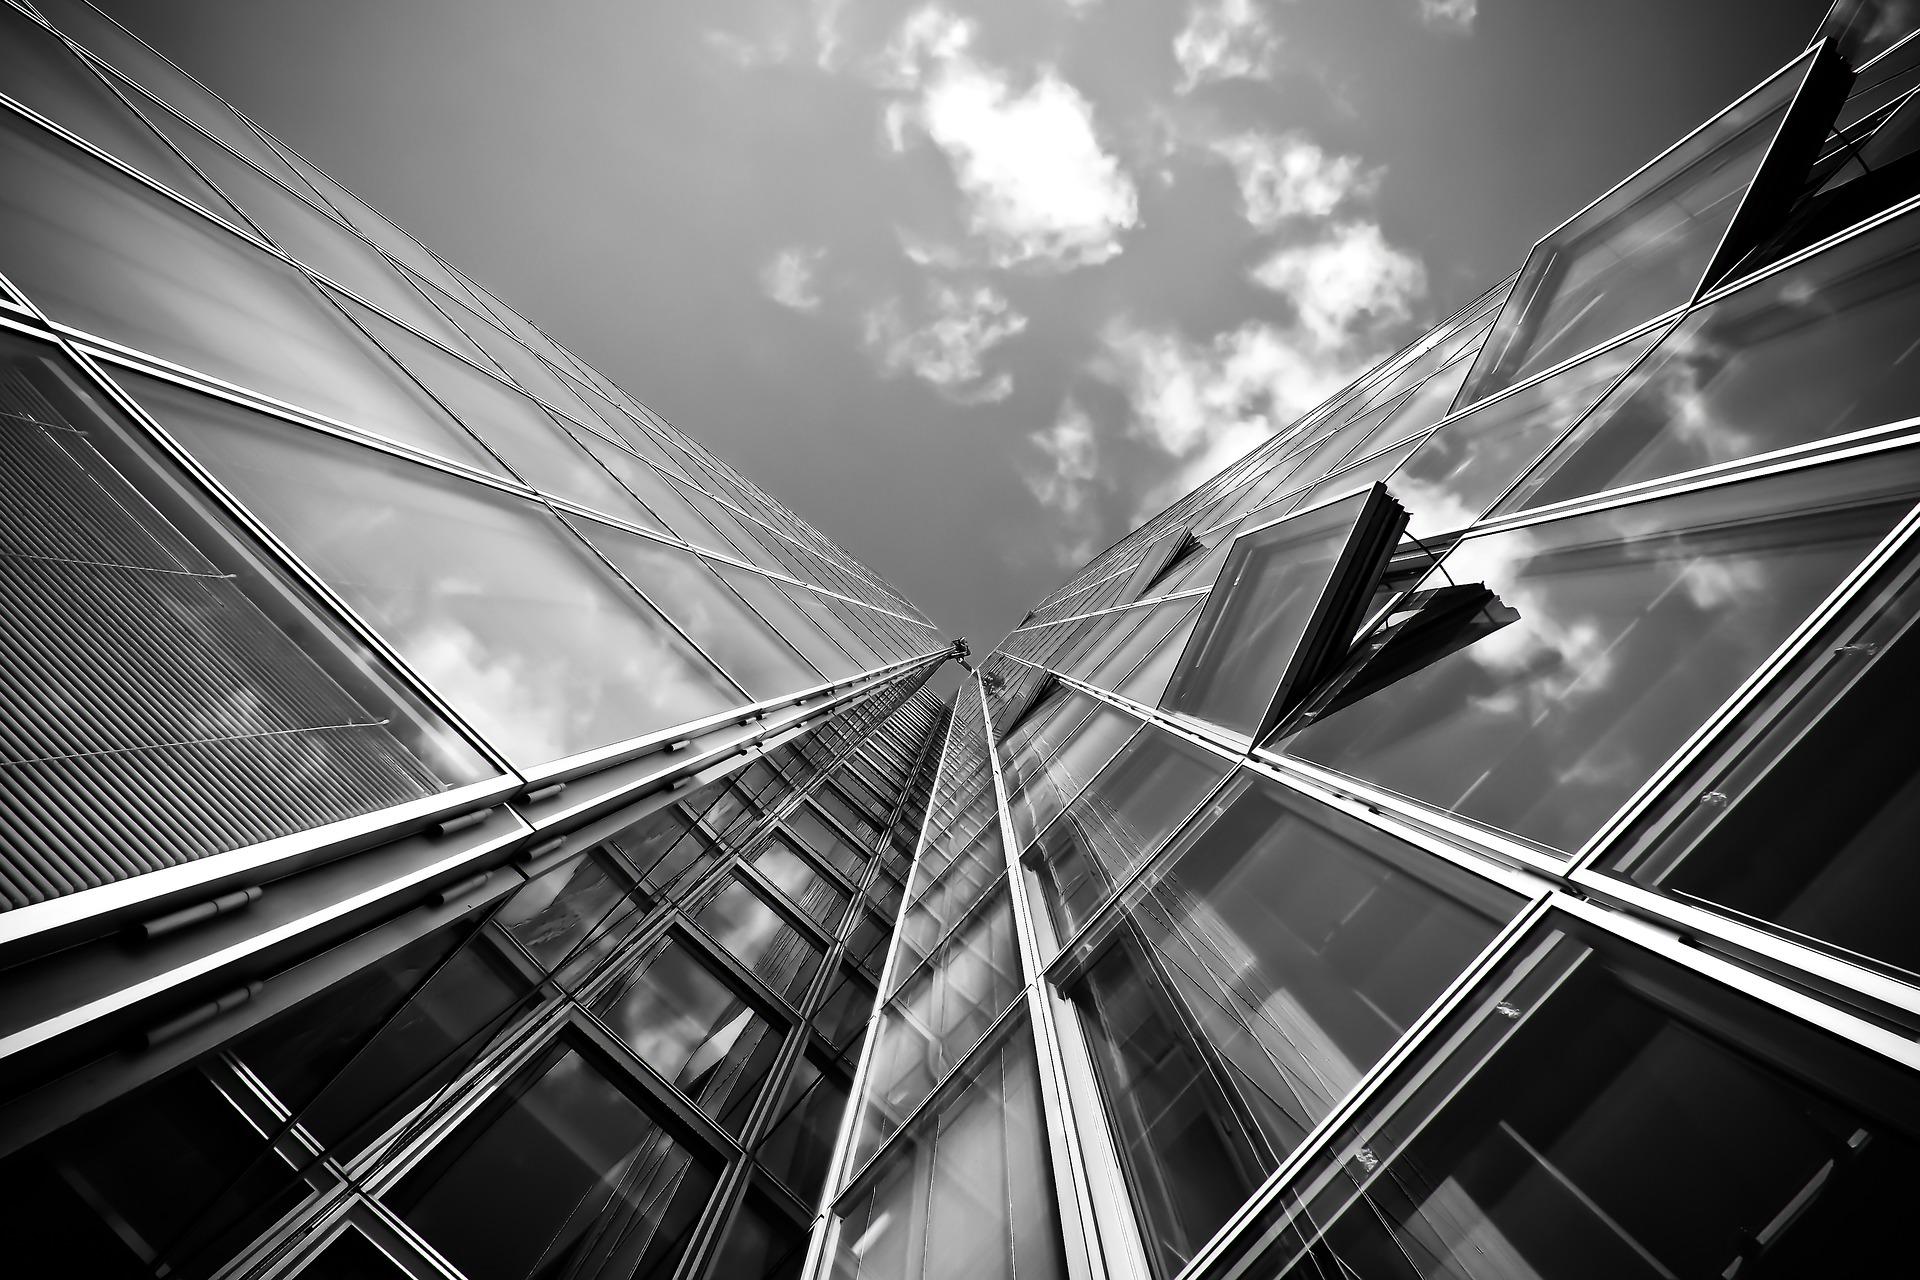 edificio blanco y negro ventanas Carpintería PVC